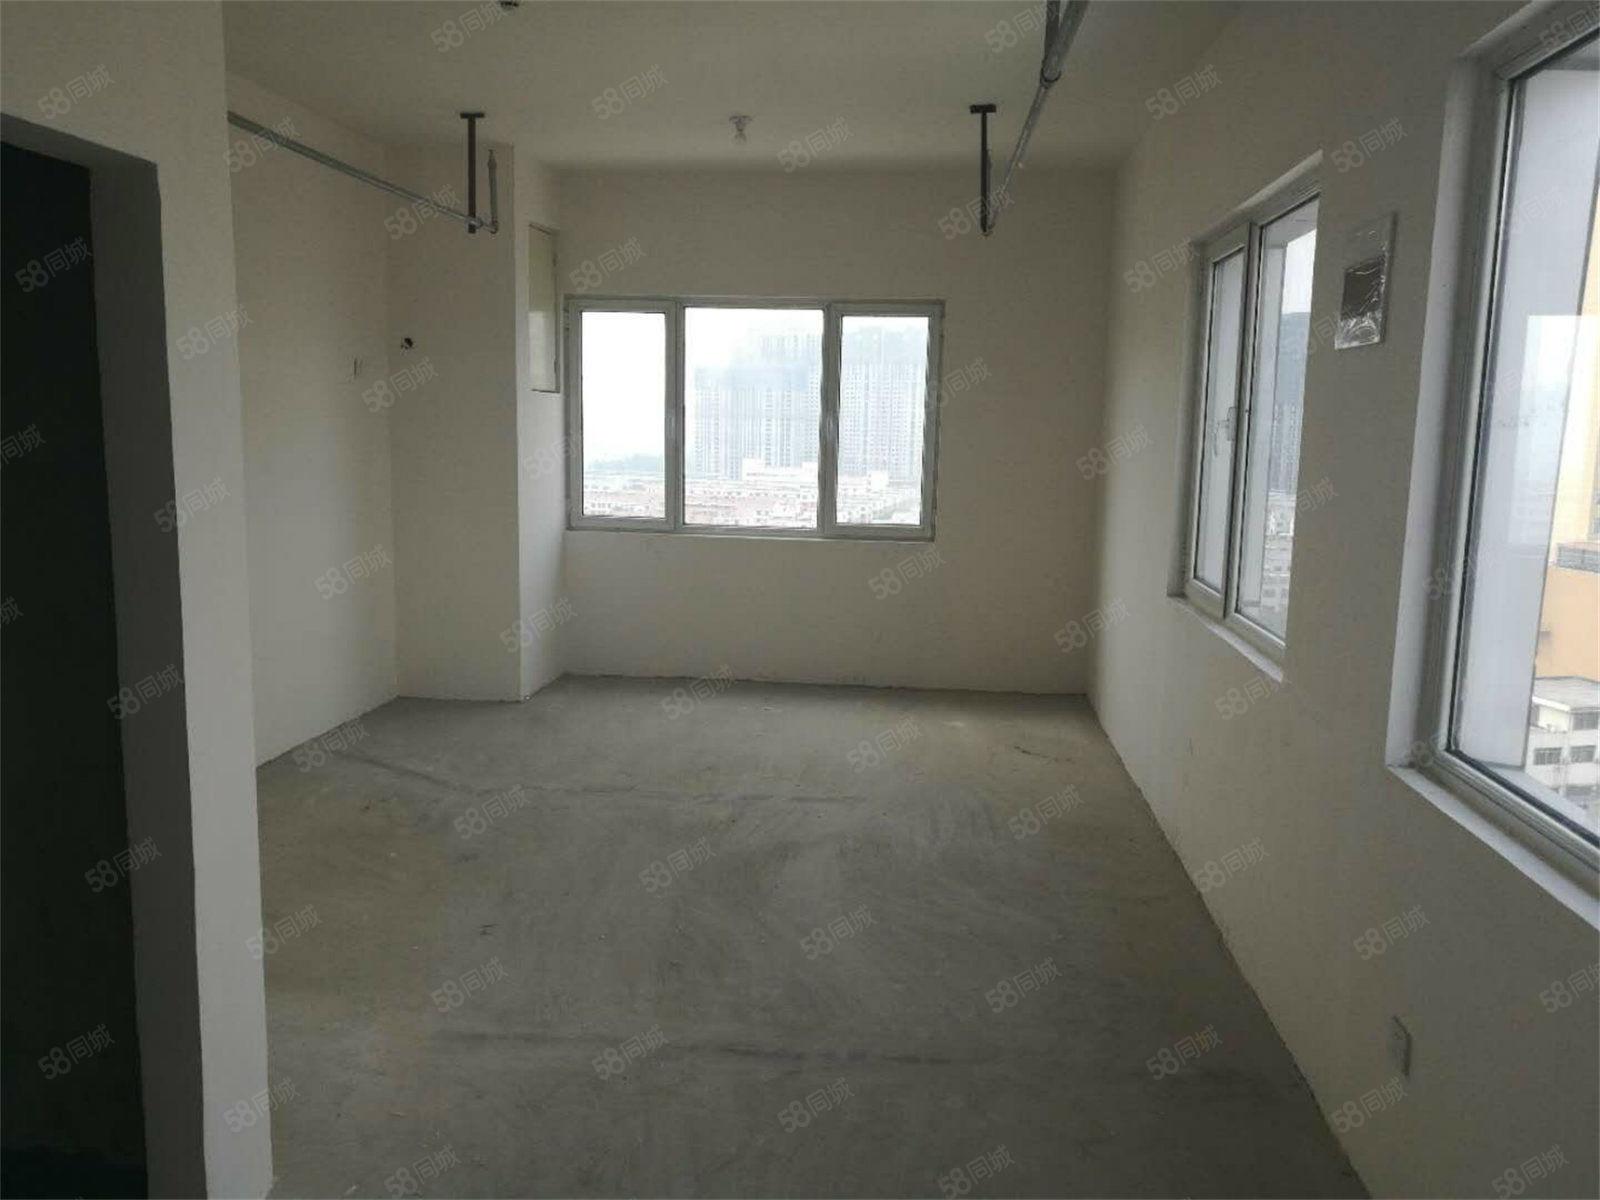 急!�|�世�Q中心小公寓抄底�r格低于周�1000�F房急售